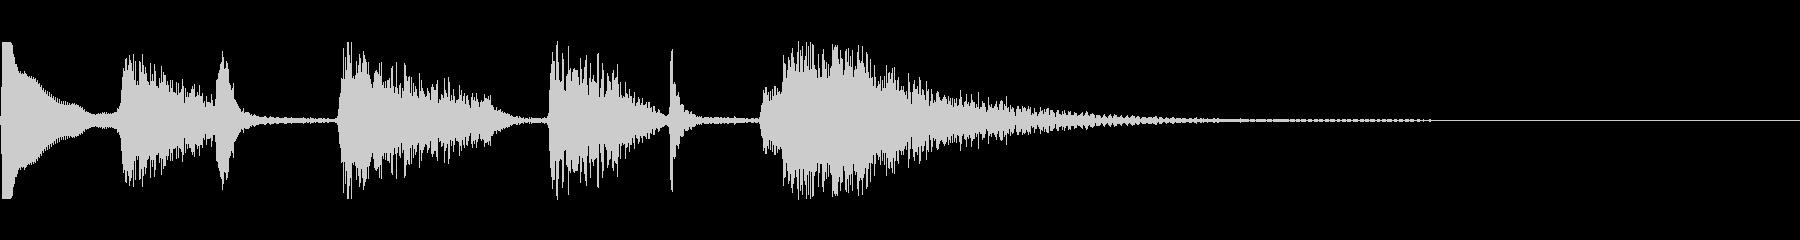 オシャレなアコギのジングルその3の未再生の波形